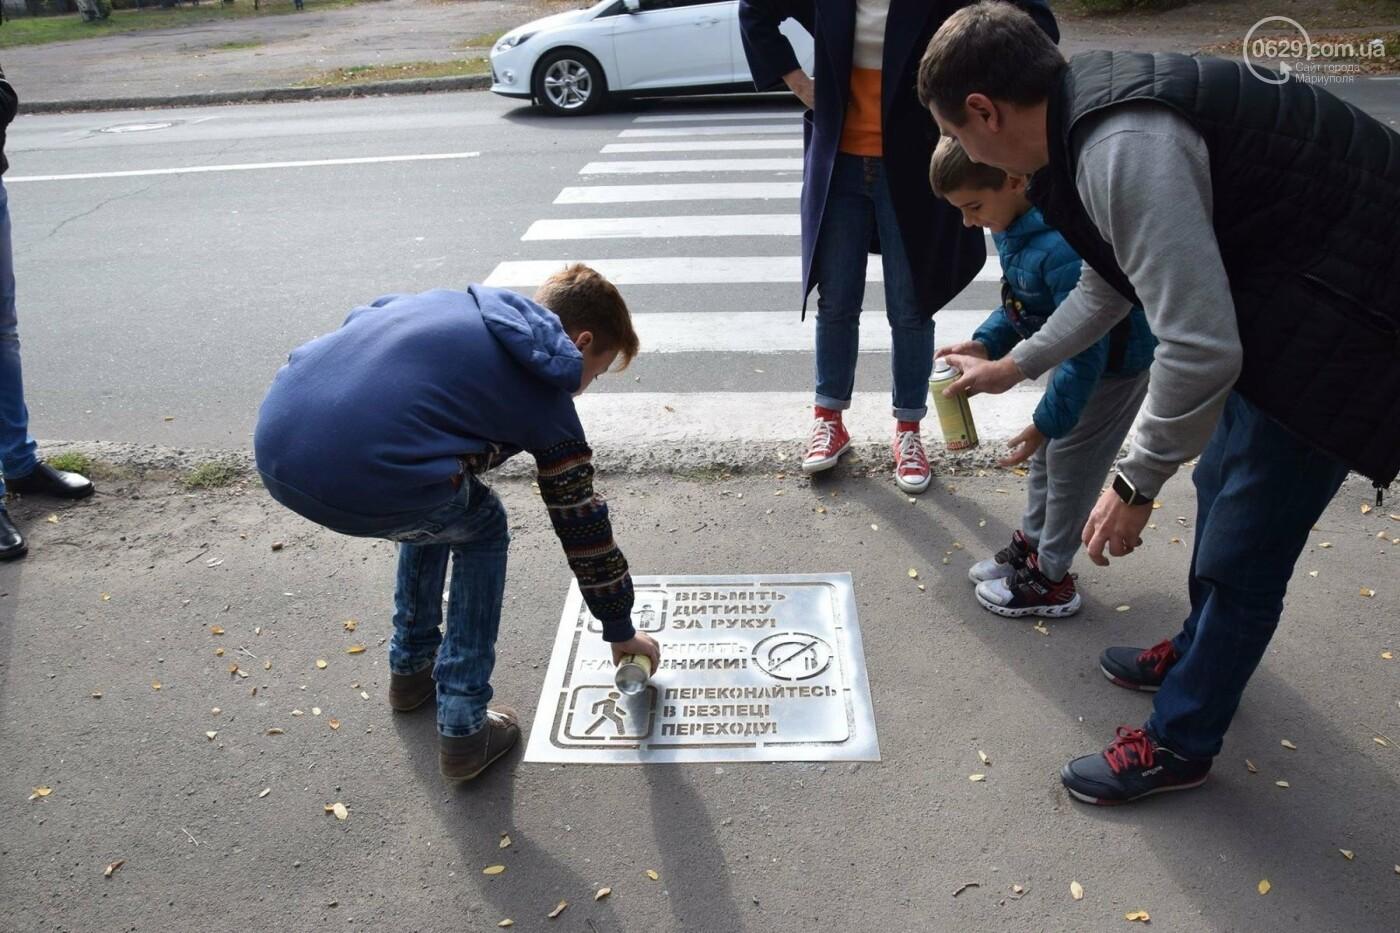 В Мариуполе общественники и патрульные полицейские украшают город необычными трафаретами, - ФОТО, ВИДЕО, фото-3